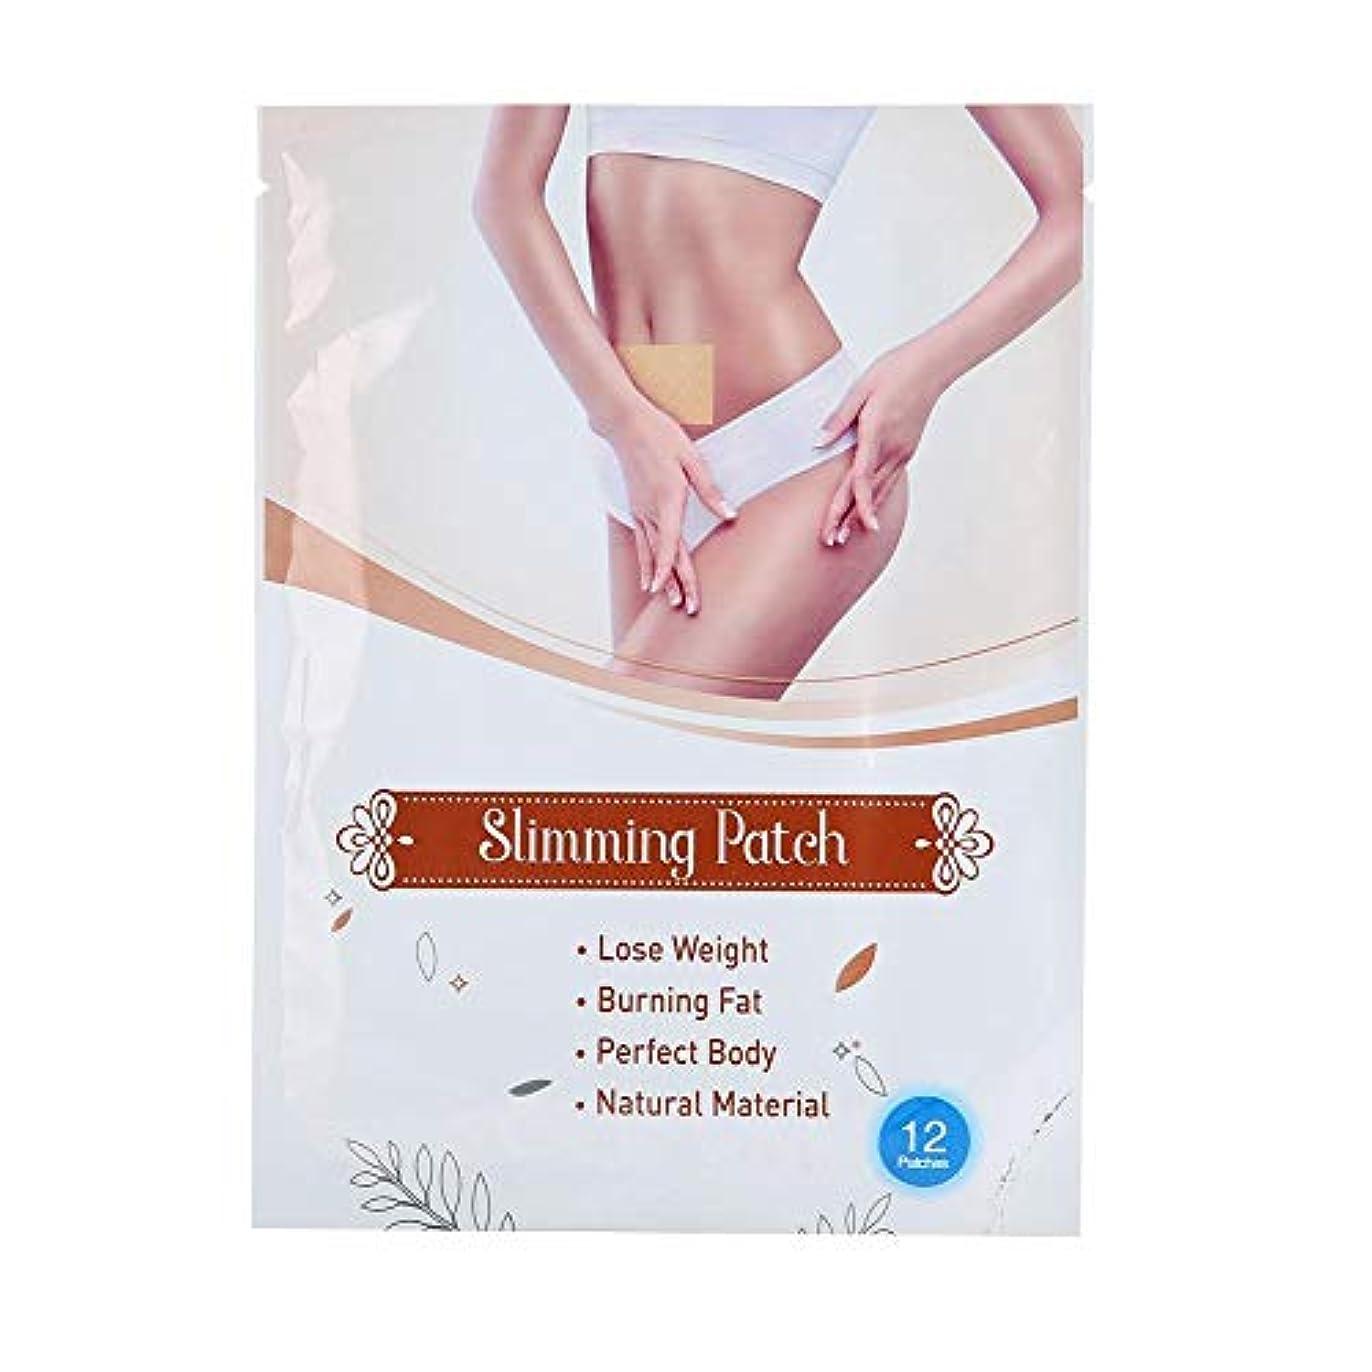 12痩身パッチ - 燃焼脂肪、減量ステッカー - 痩身脂肪燃焼、女性用